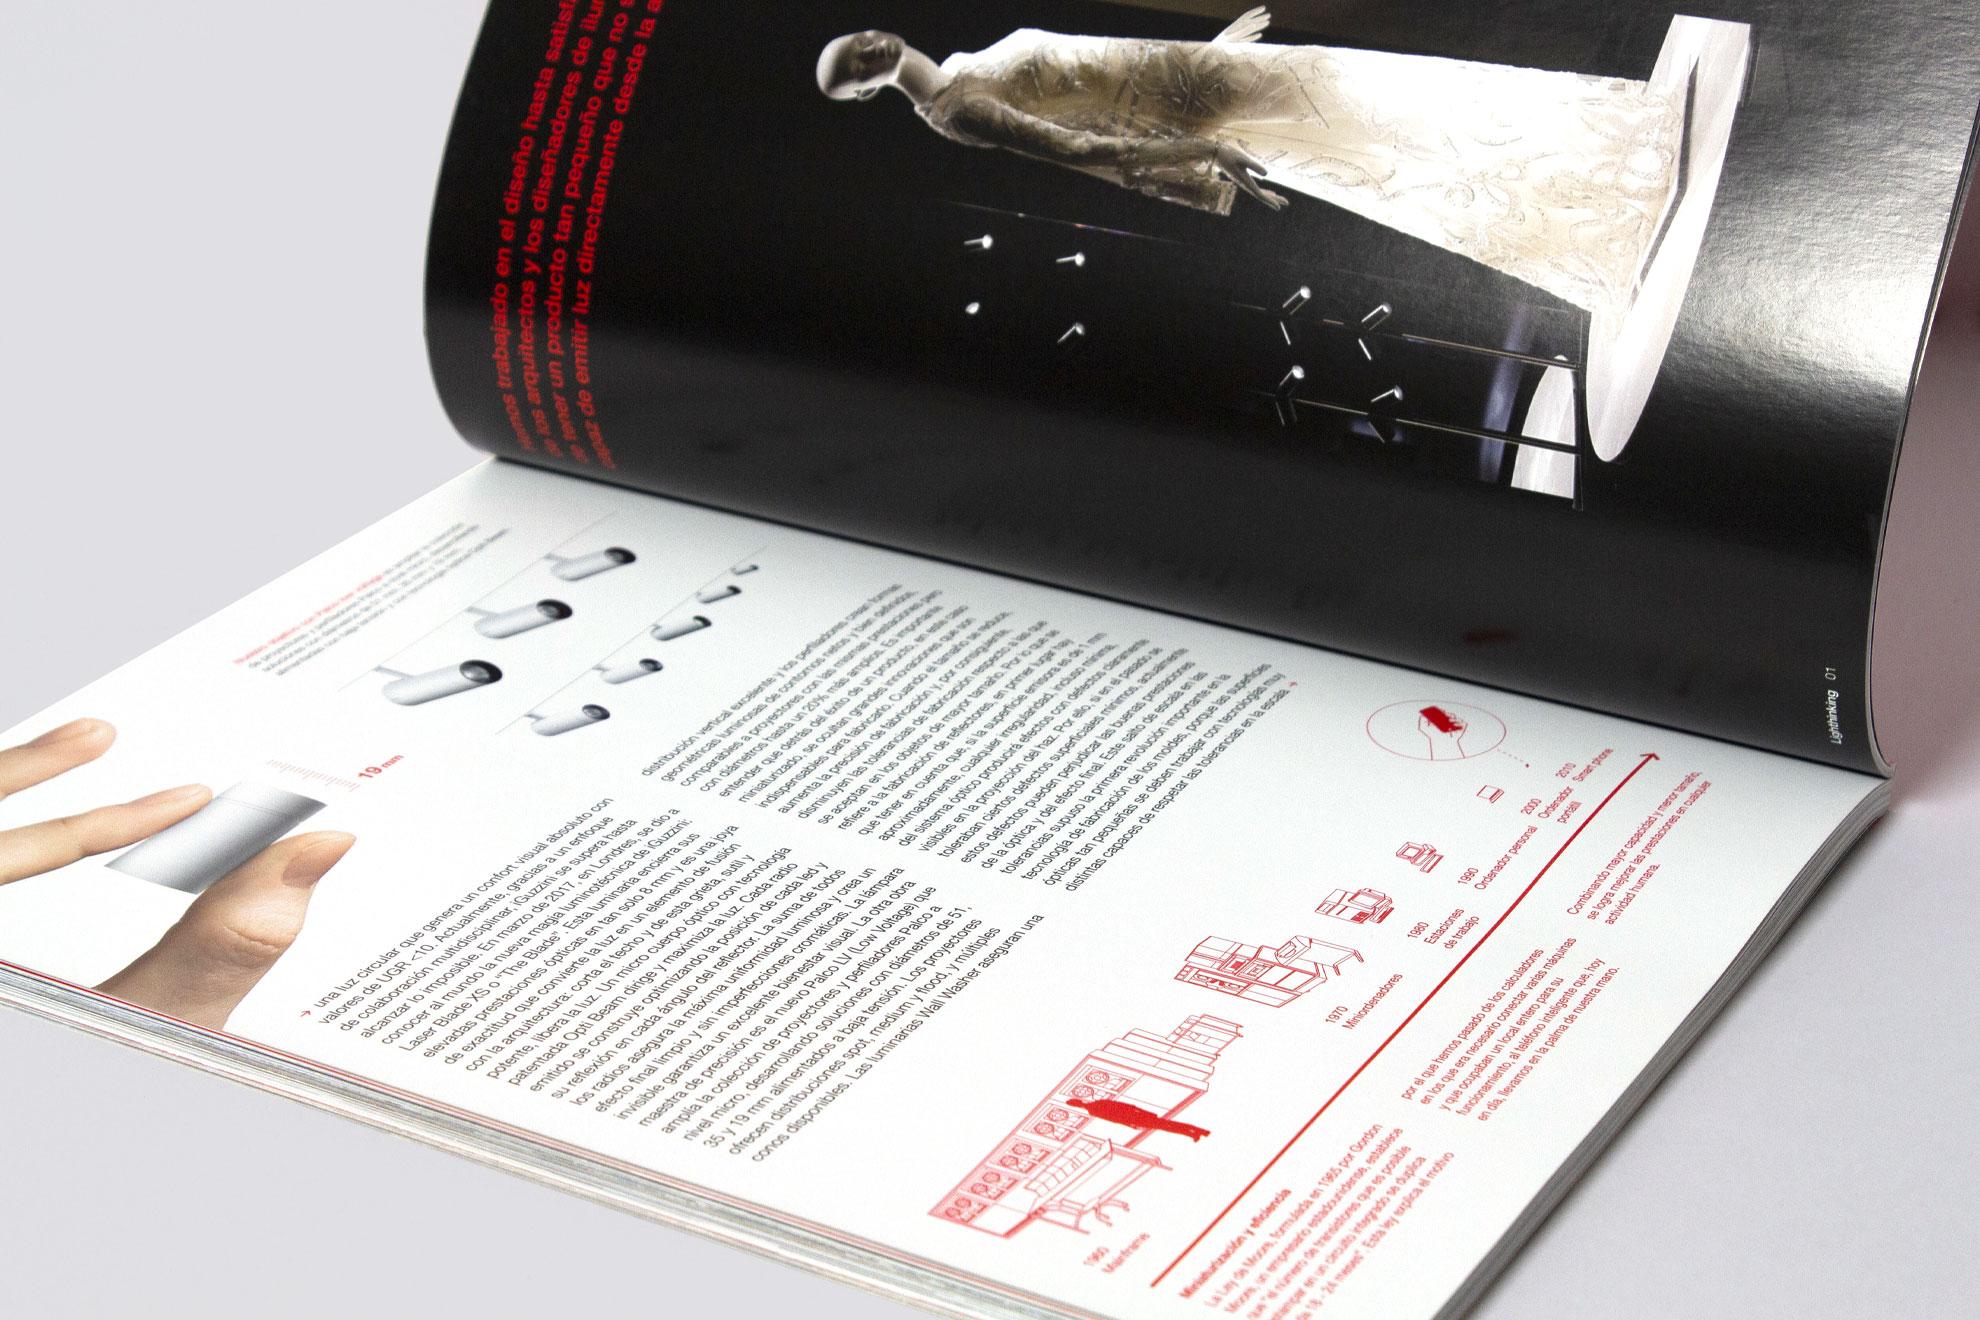 Interno Lighthinking, rivista aziendale iGuzzini